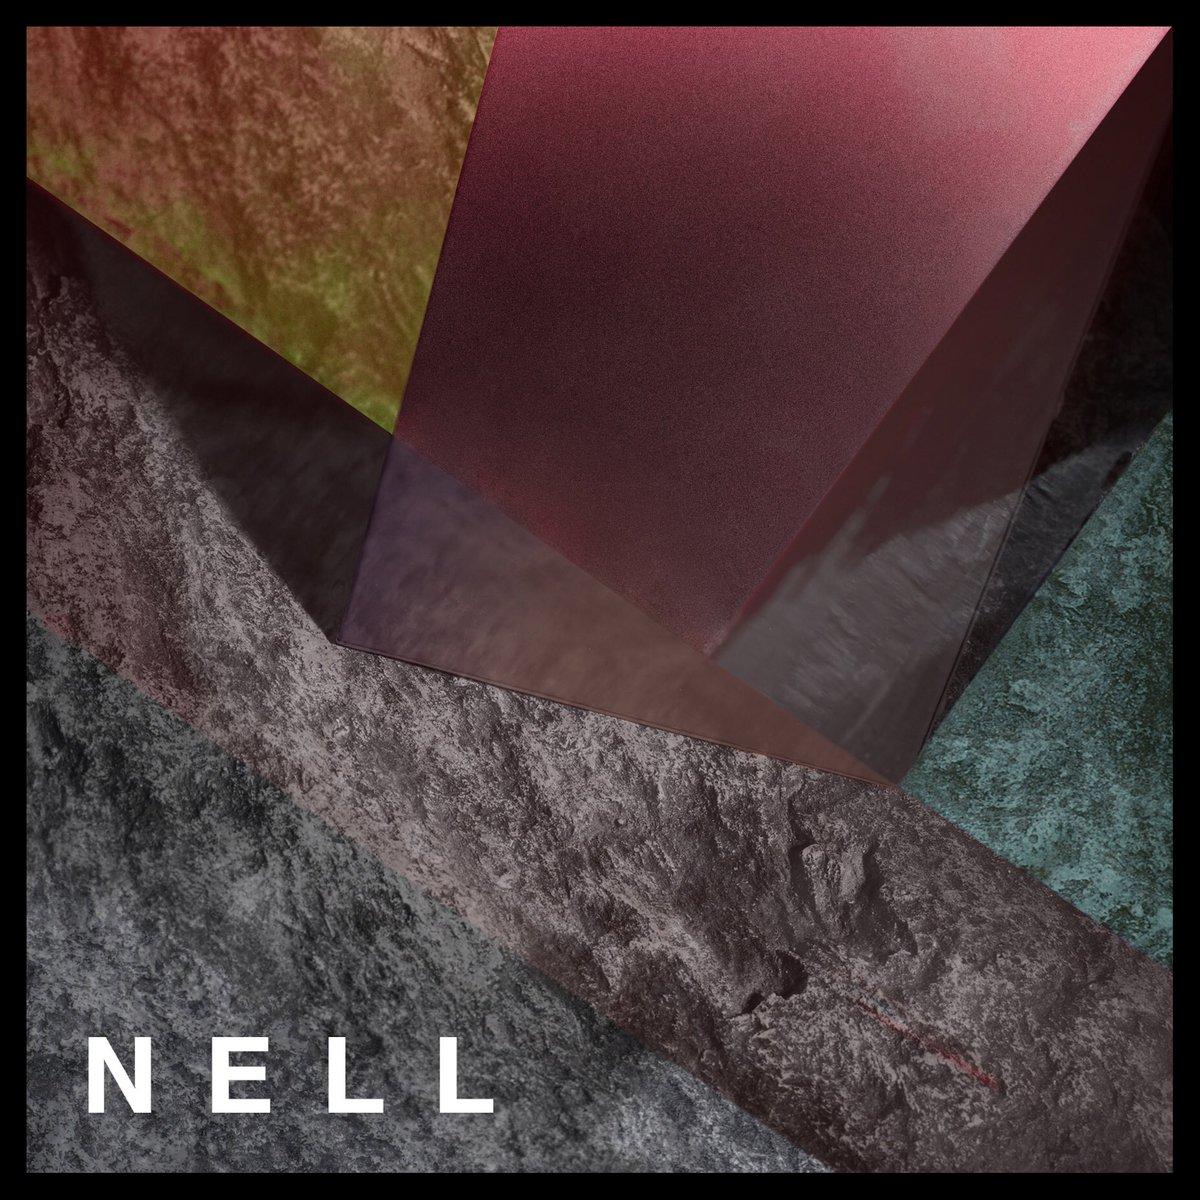 몇 시간 지나 열두시가 되면 아련한 슬픔과 따뜻함을 담은 넬의 새로운 싱글 '그리워하려고 해' 가 공개됩니다.오늘 자정 함께 해요. #NELL #spacebohemian #넬 #Single #Music #그리워하려고해 #Loop #신곡 #겨울 #그리움 https://t.co/ETZ3e9etkP